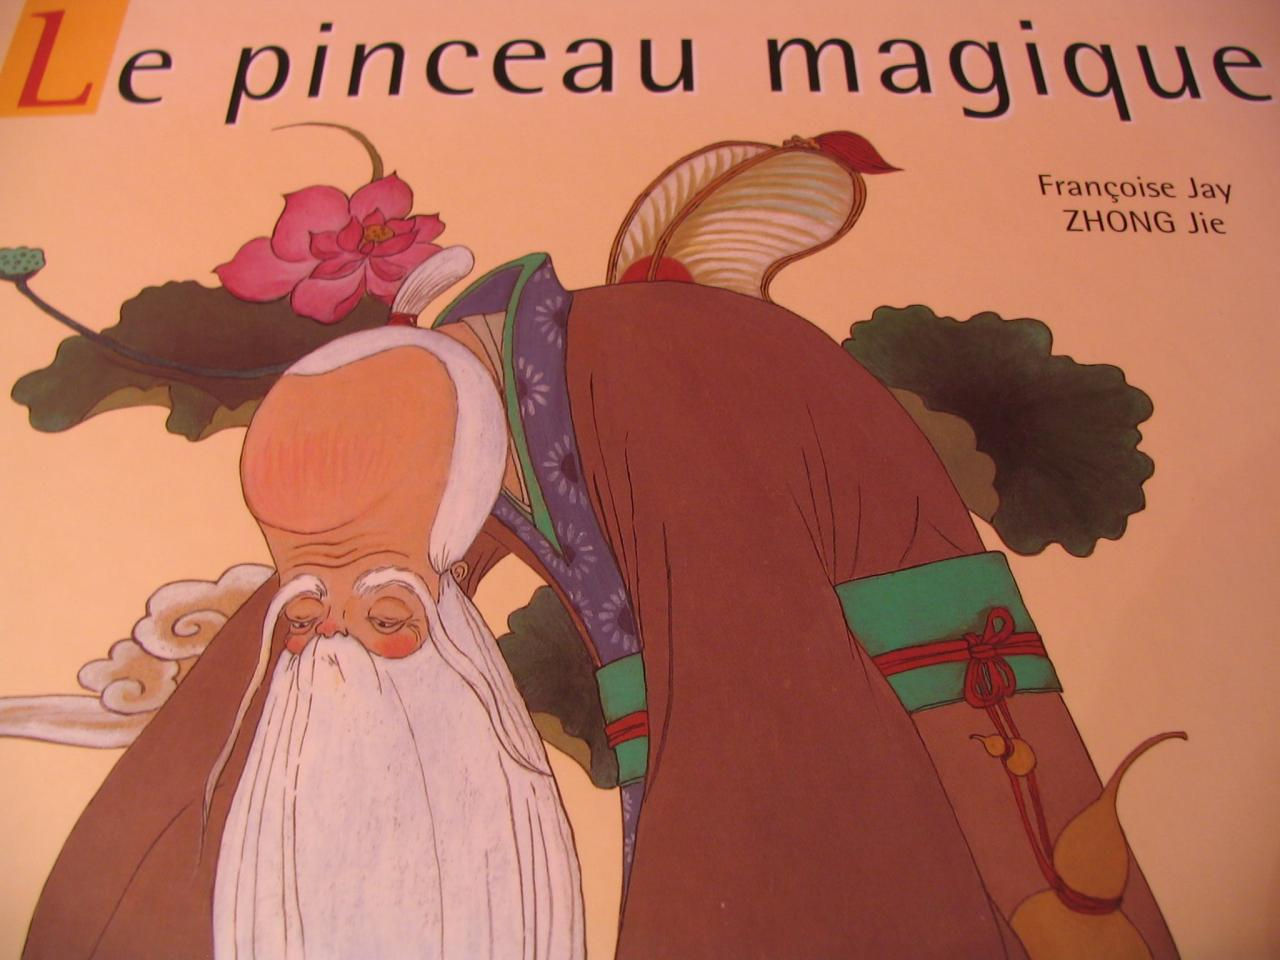 Pinceau magique